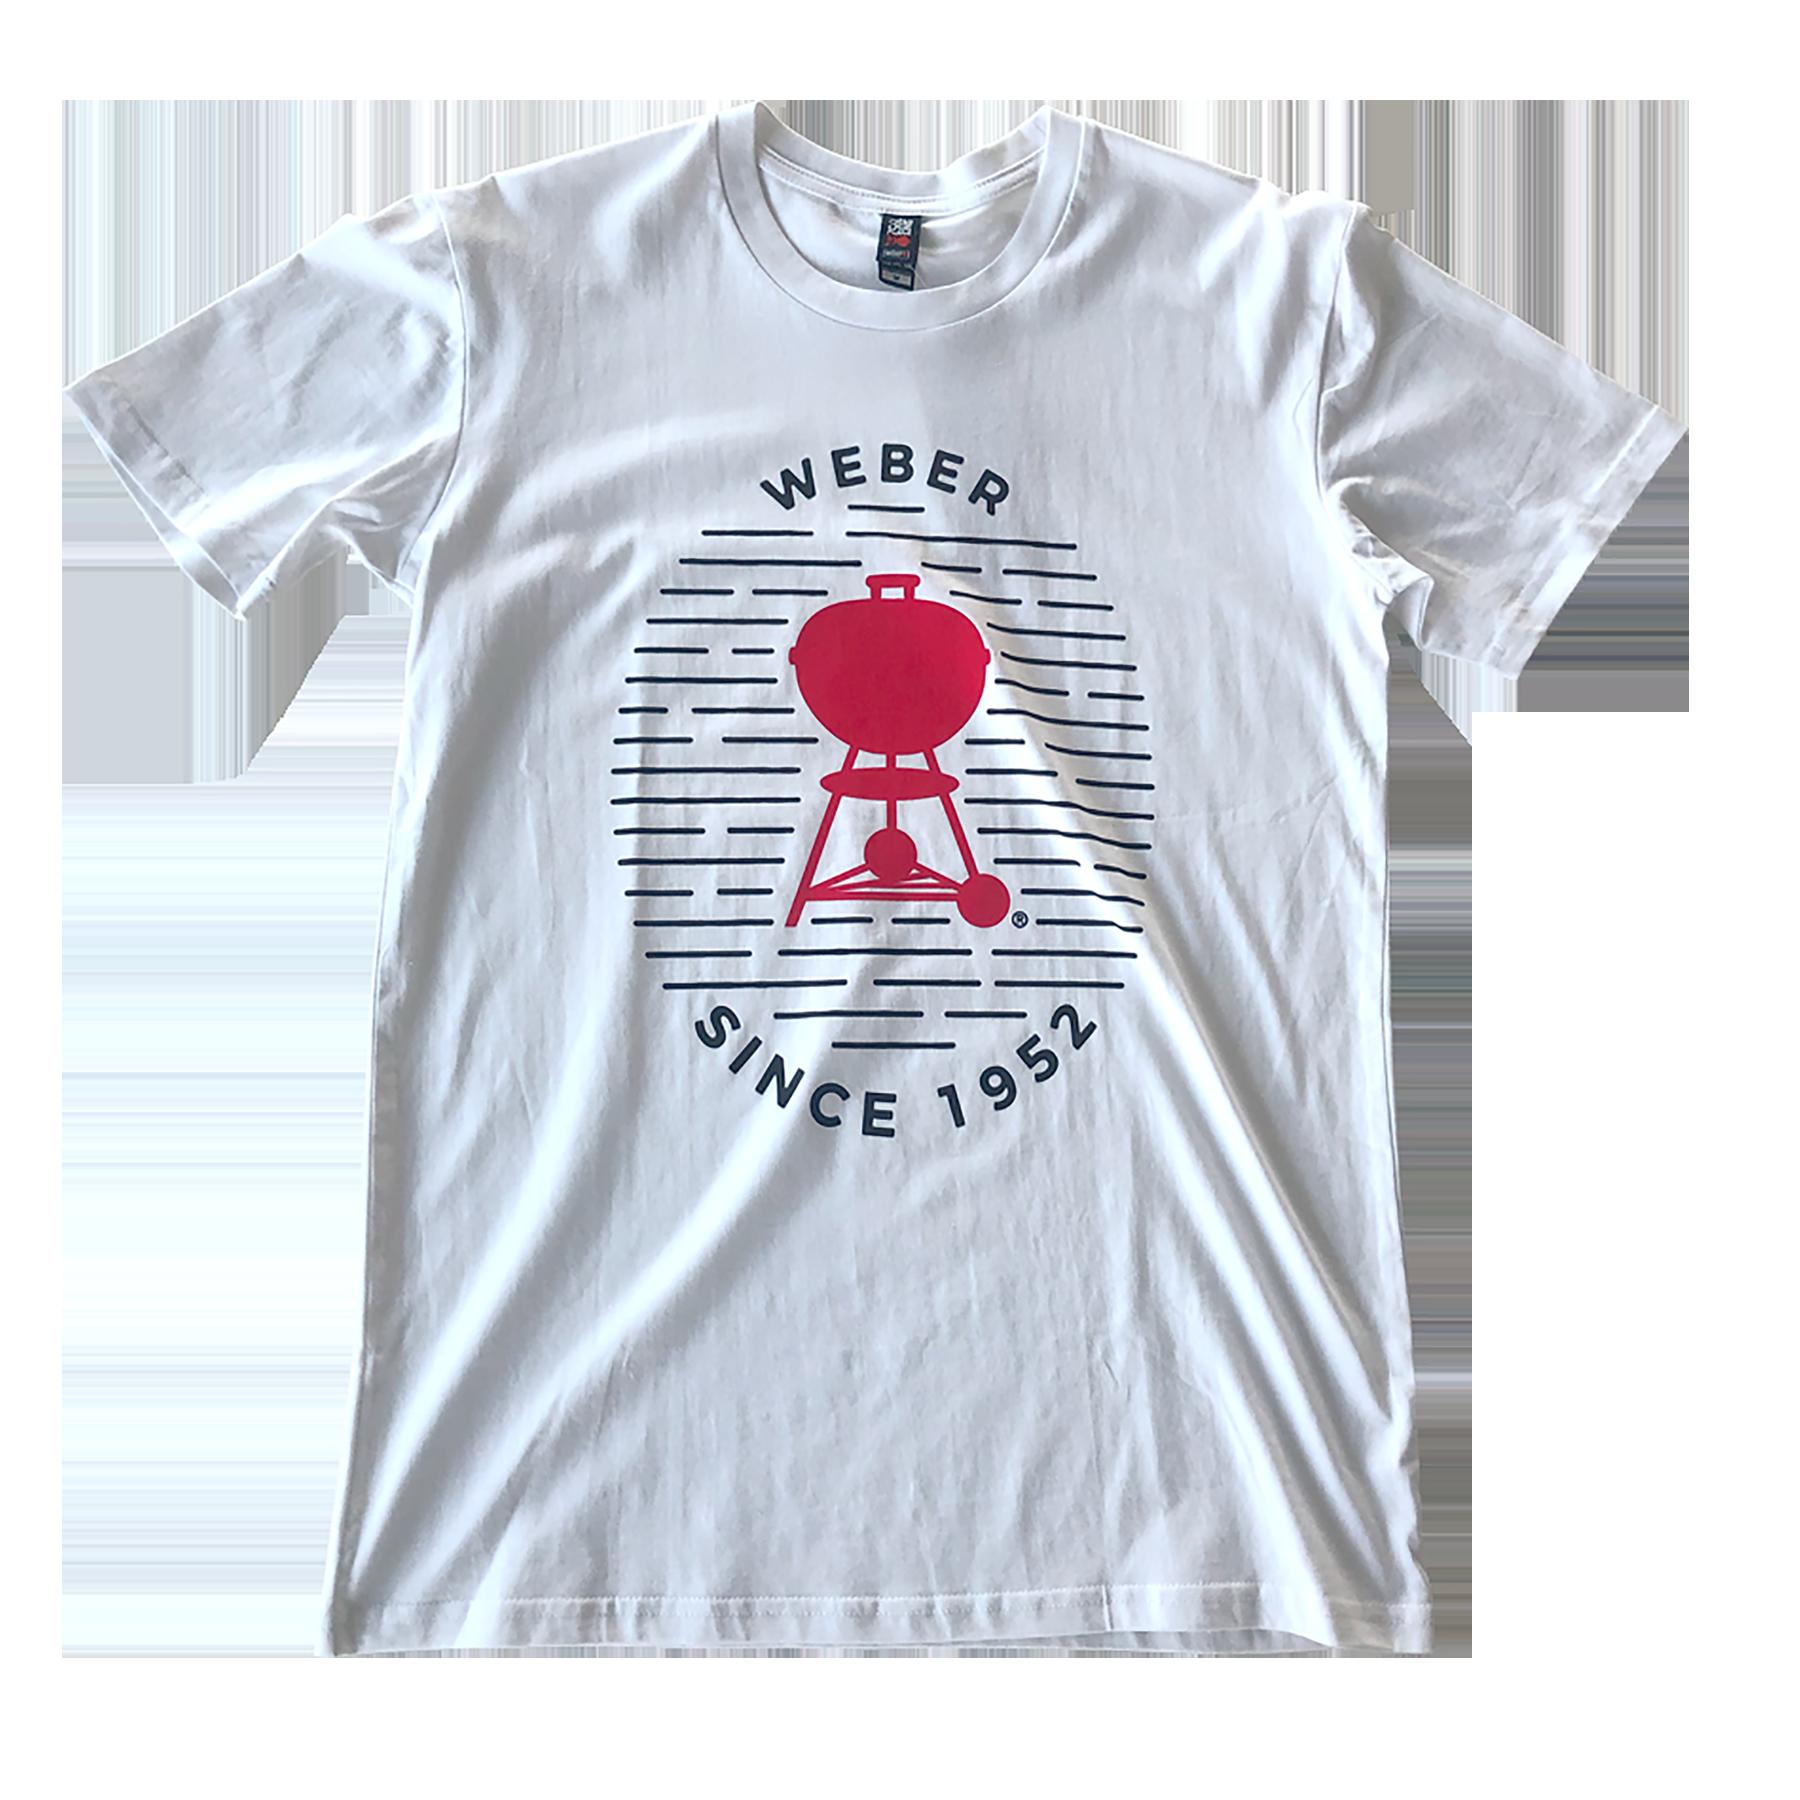 18059-Retro-t-shirt-white-front_1800-x-1800